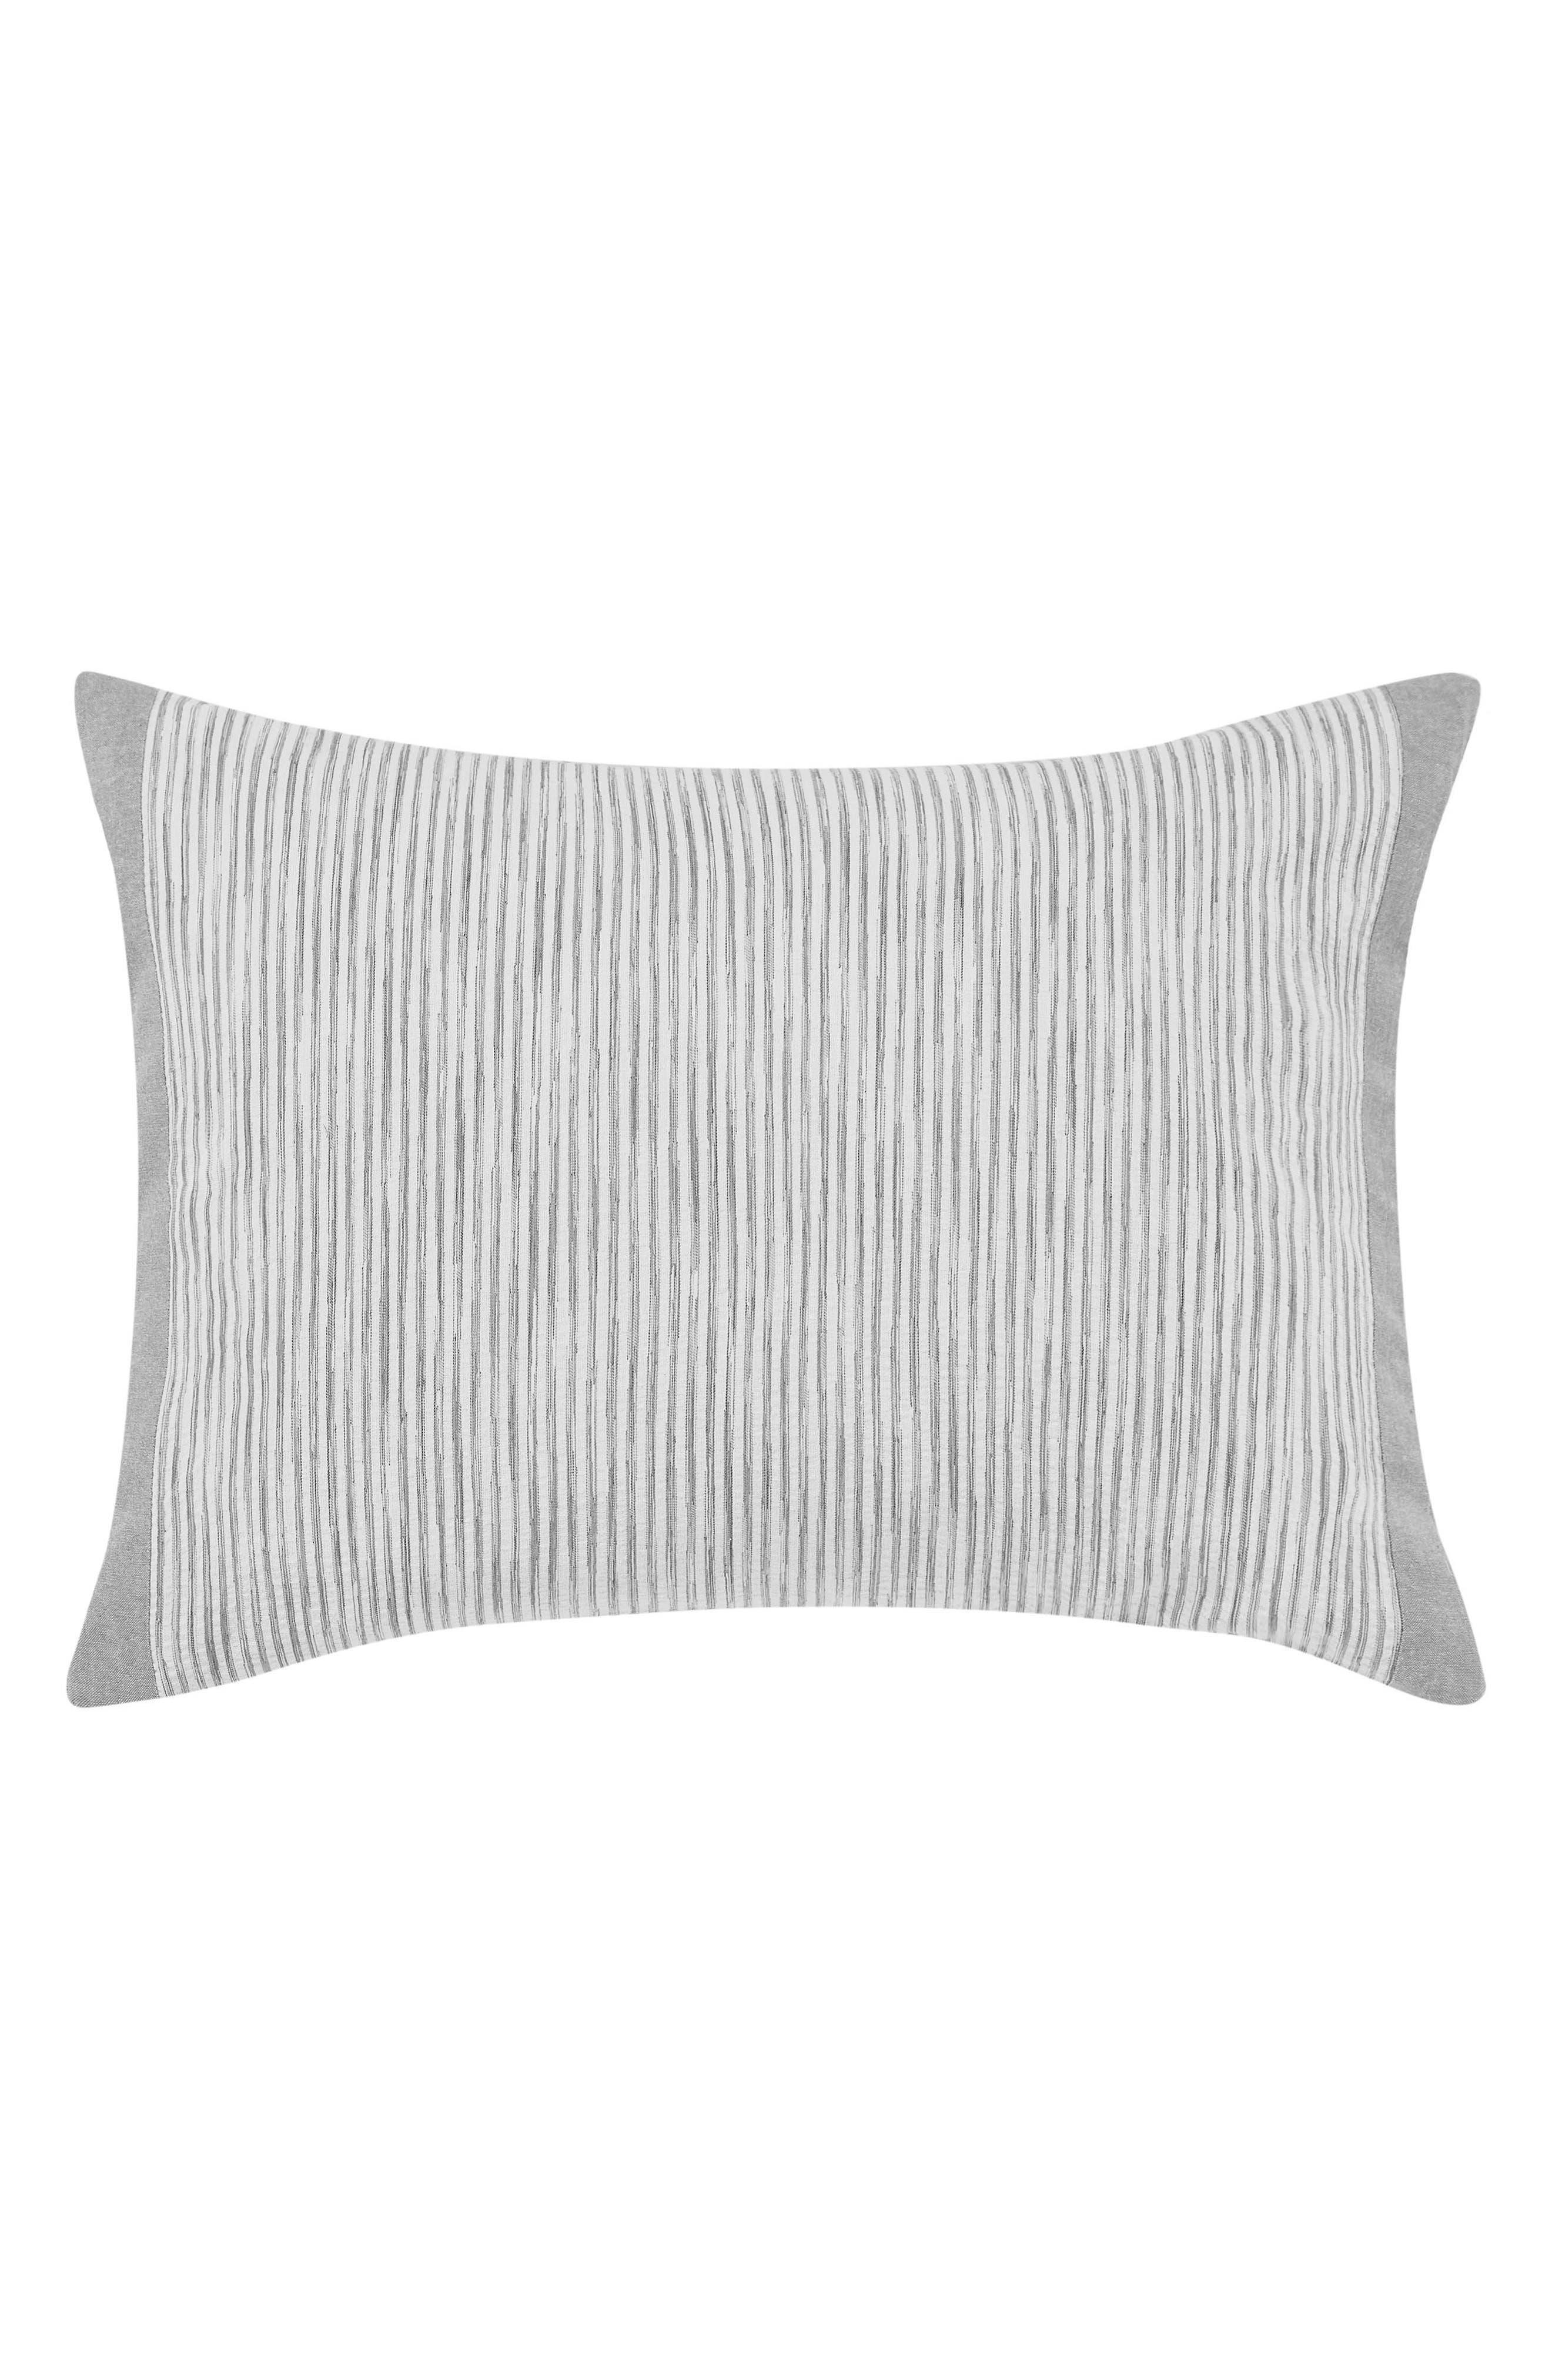 Main Image - ED Ellen DeGeneres Claremont Stripe Accent Pillow